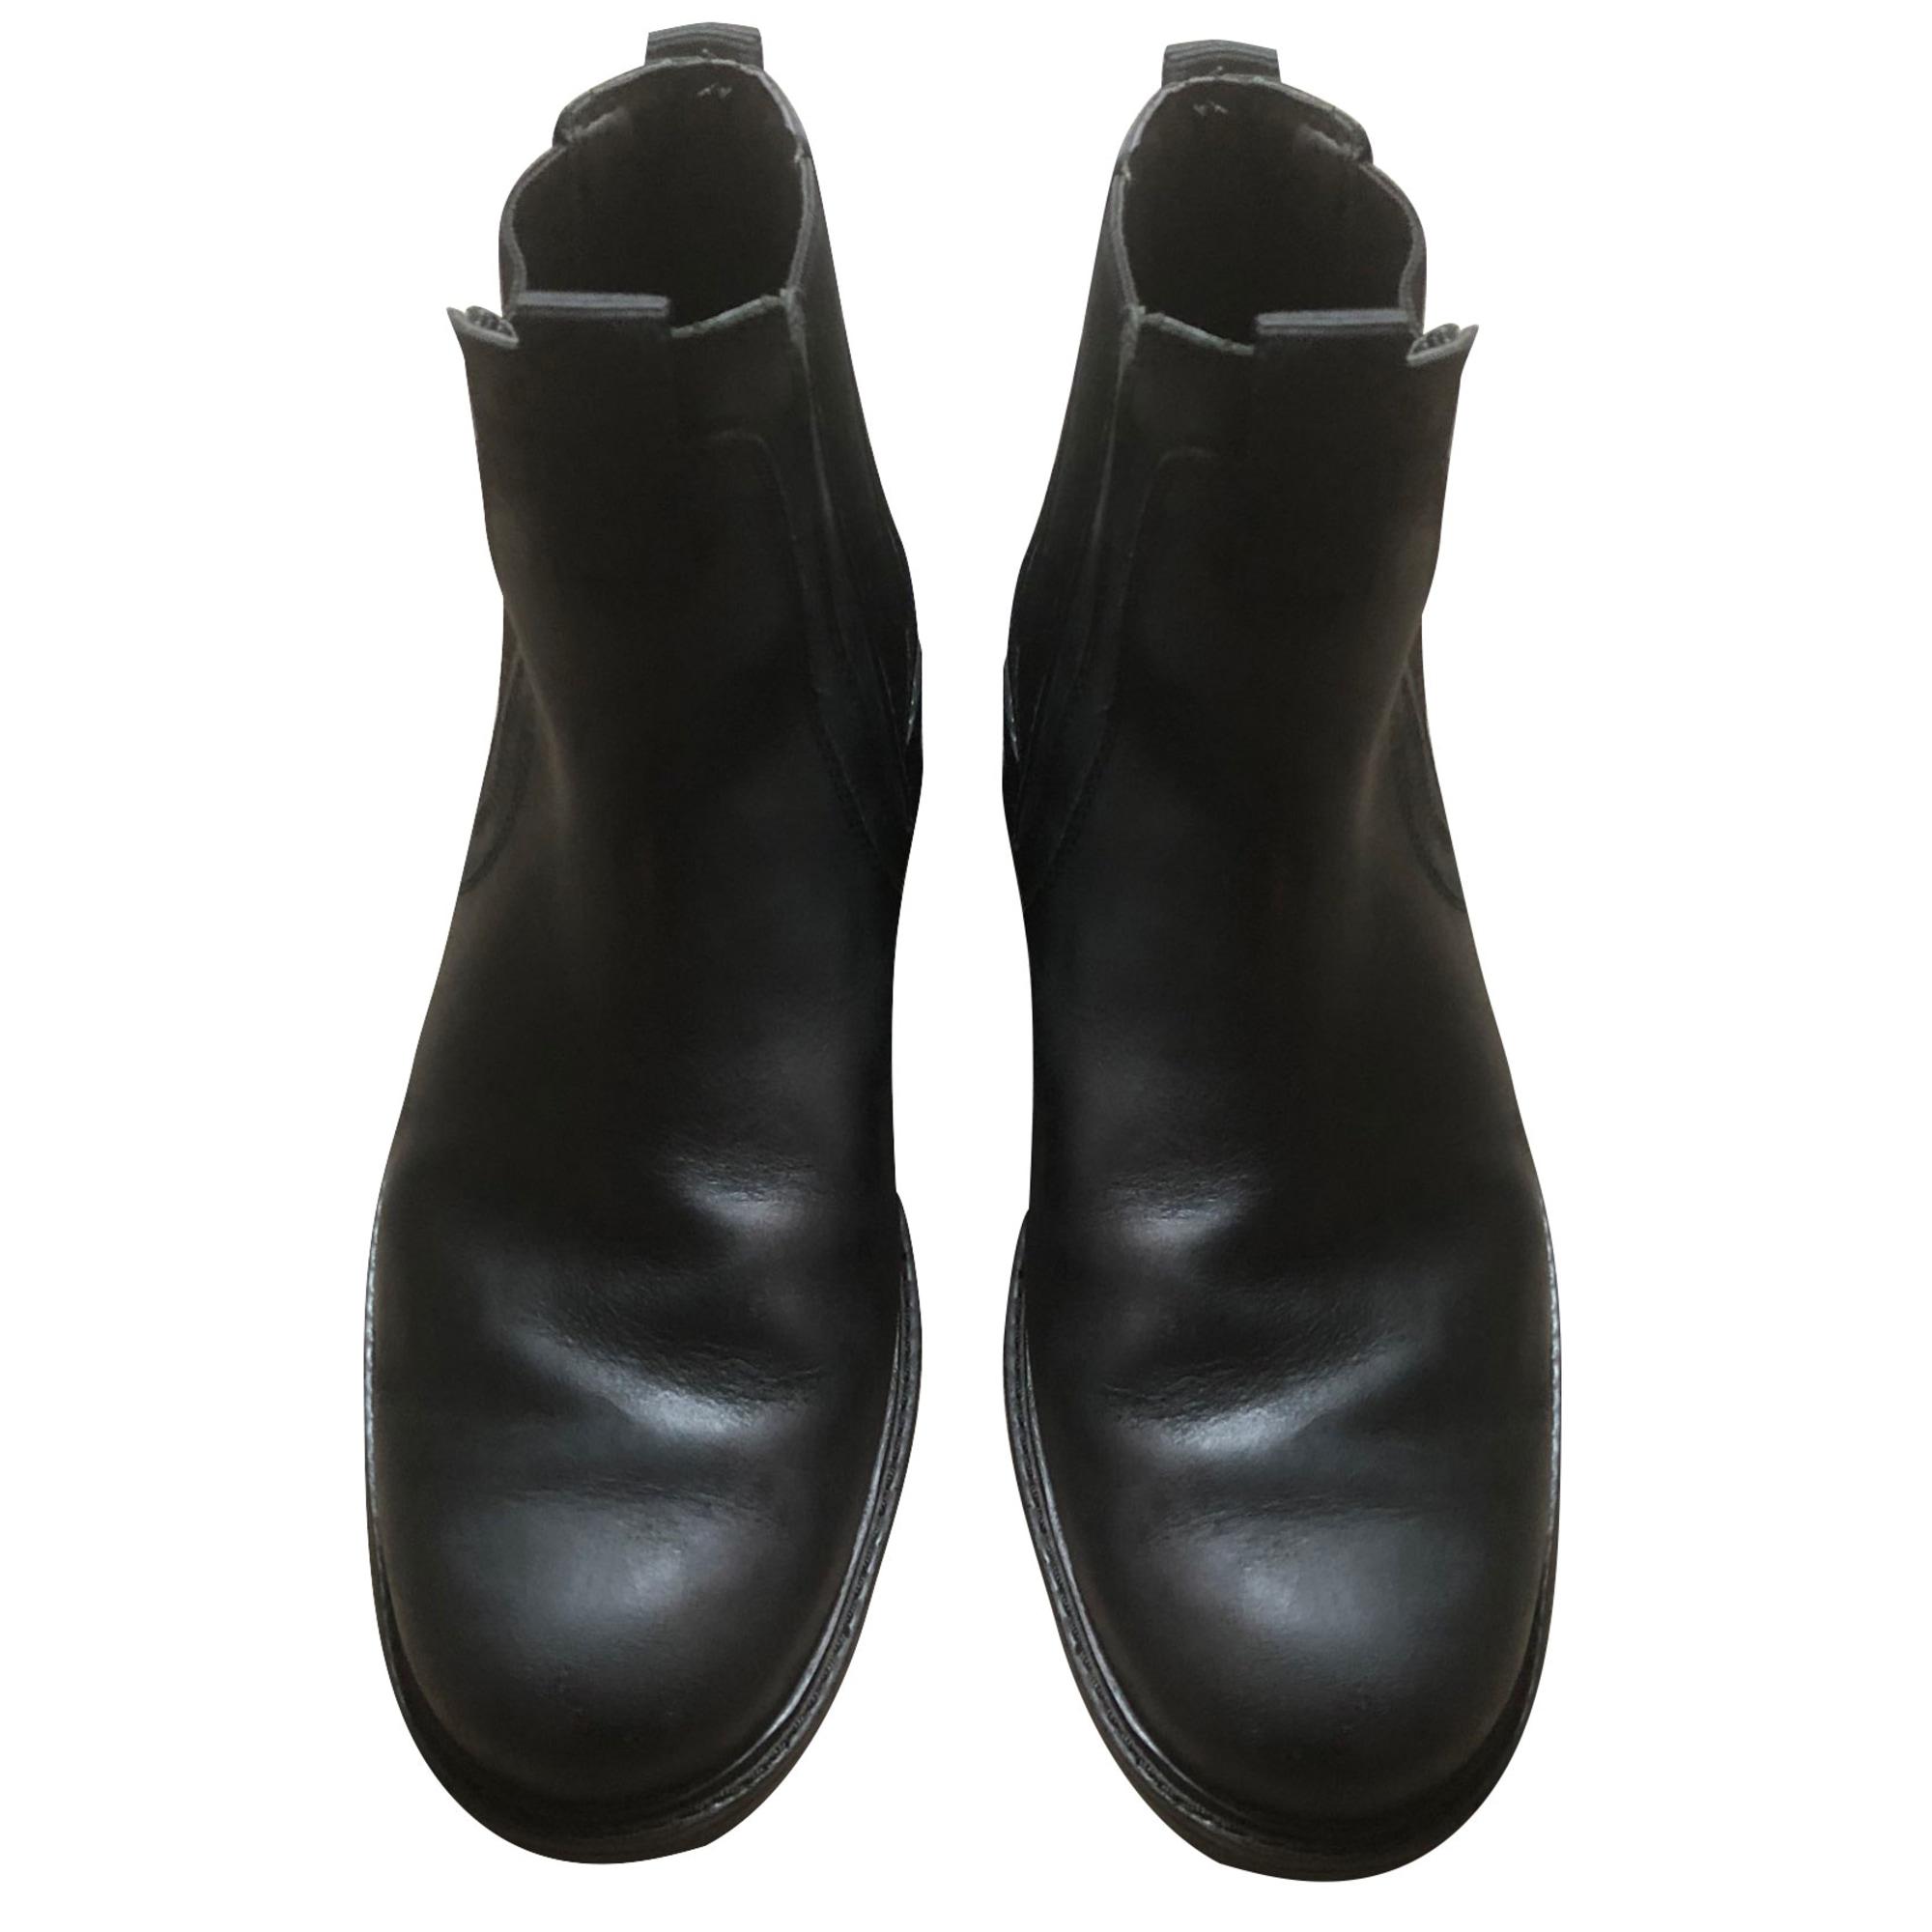 Stiefeletten, Ankle Boots TIMBERLAND Schwarz